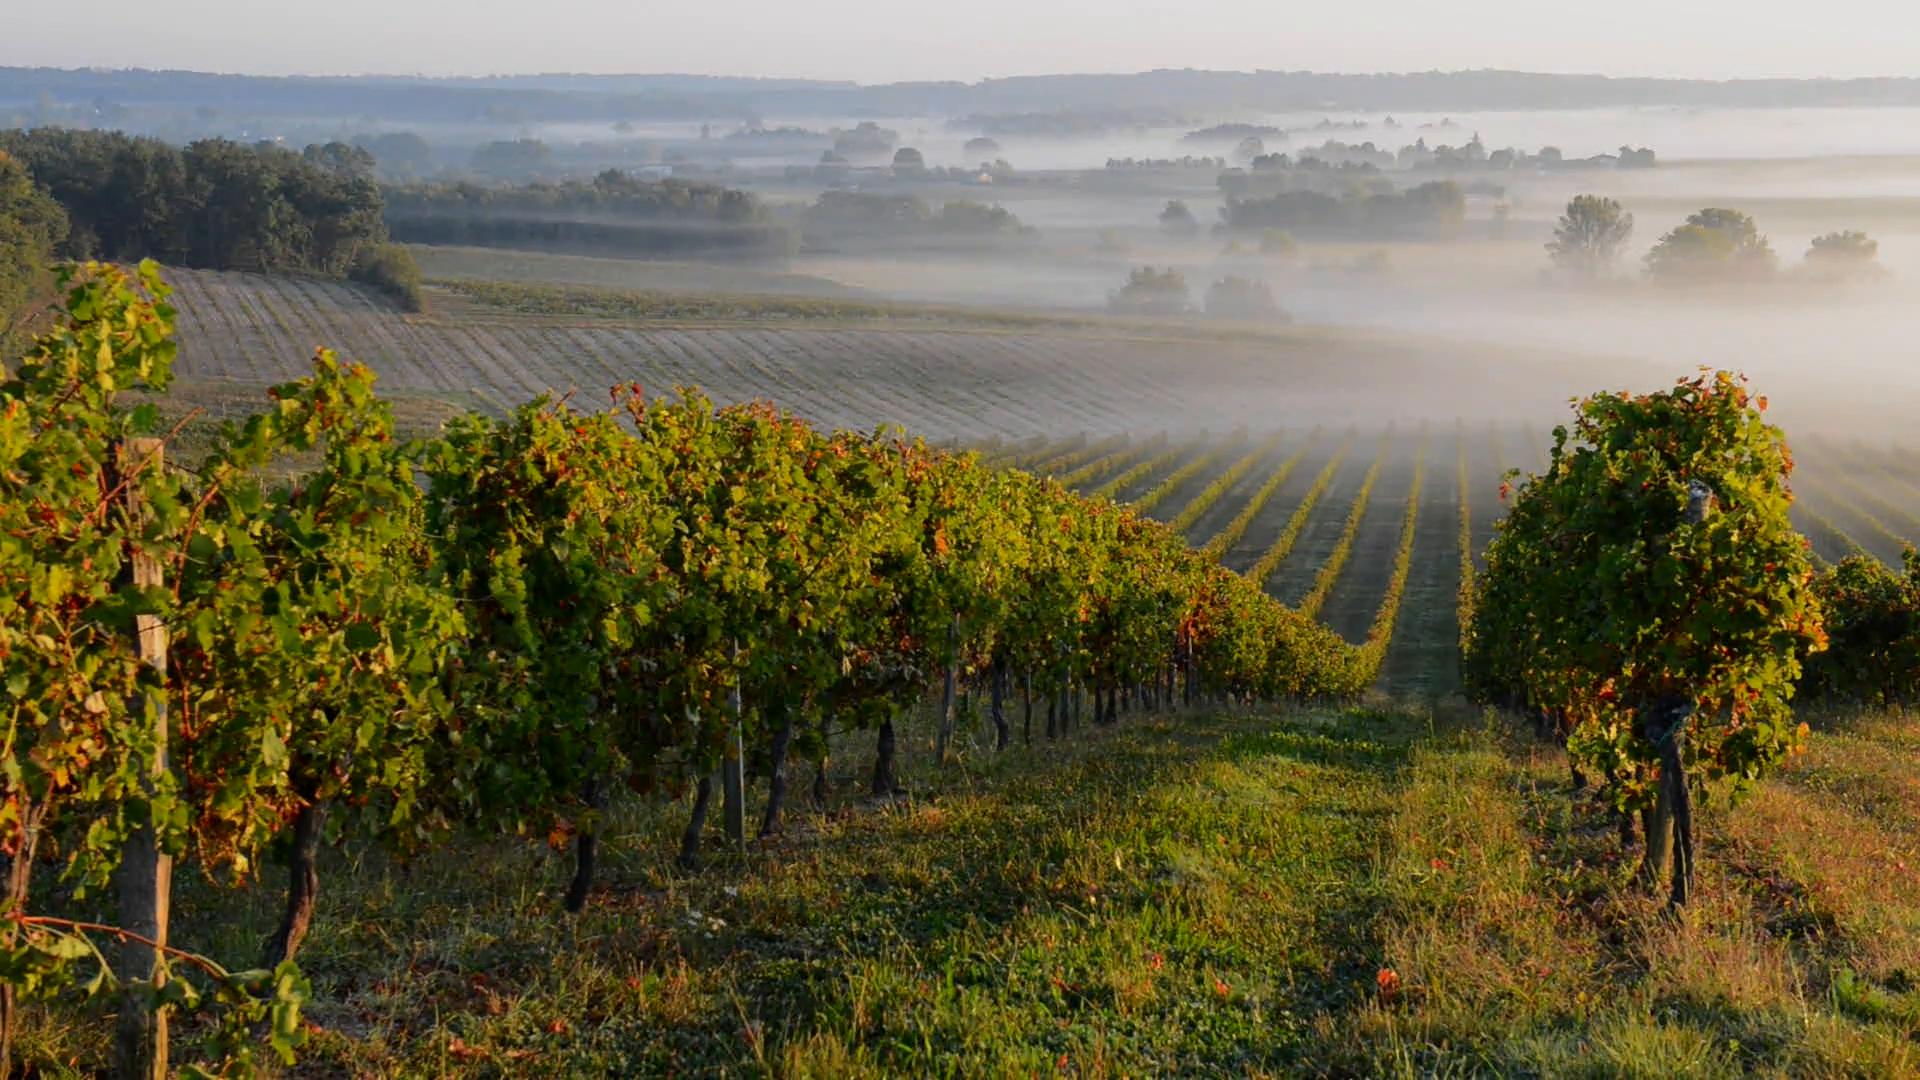 landscape-bordeaux-vineyard-in-autumn_x1zzisbt__F0000.png